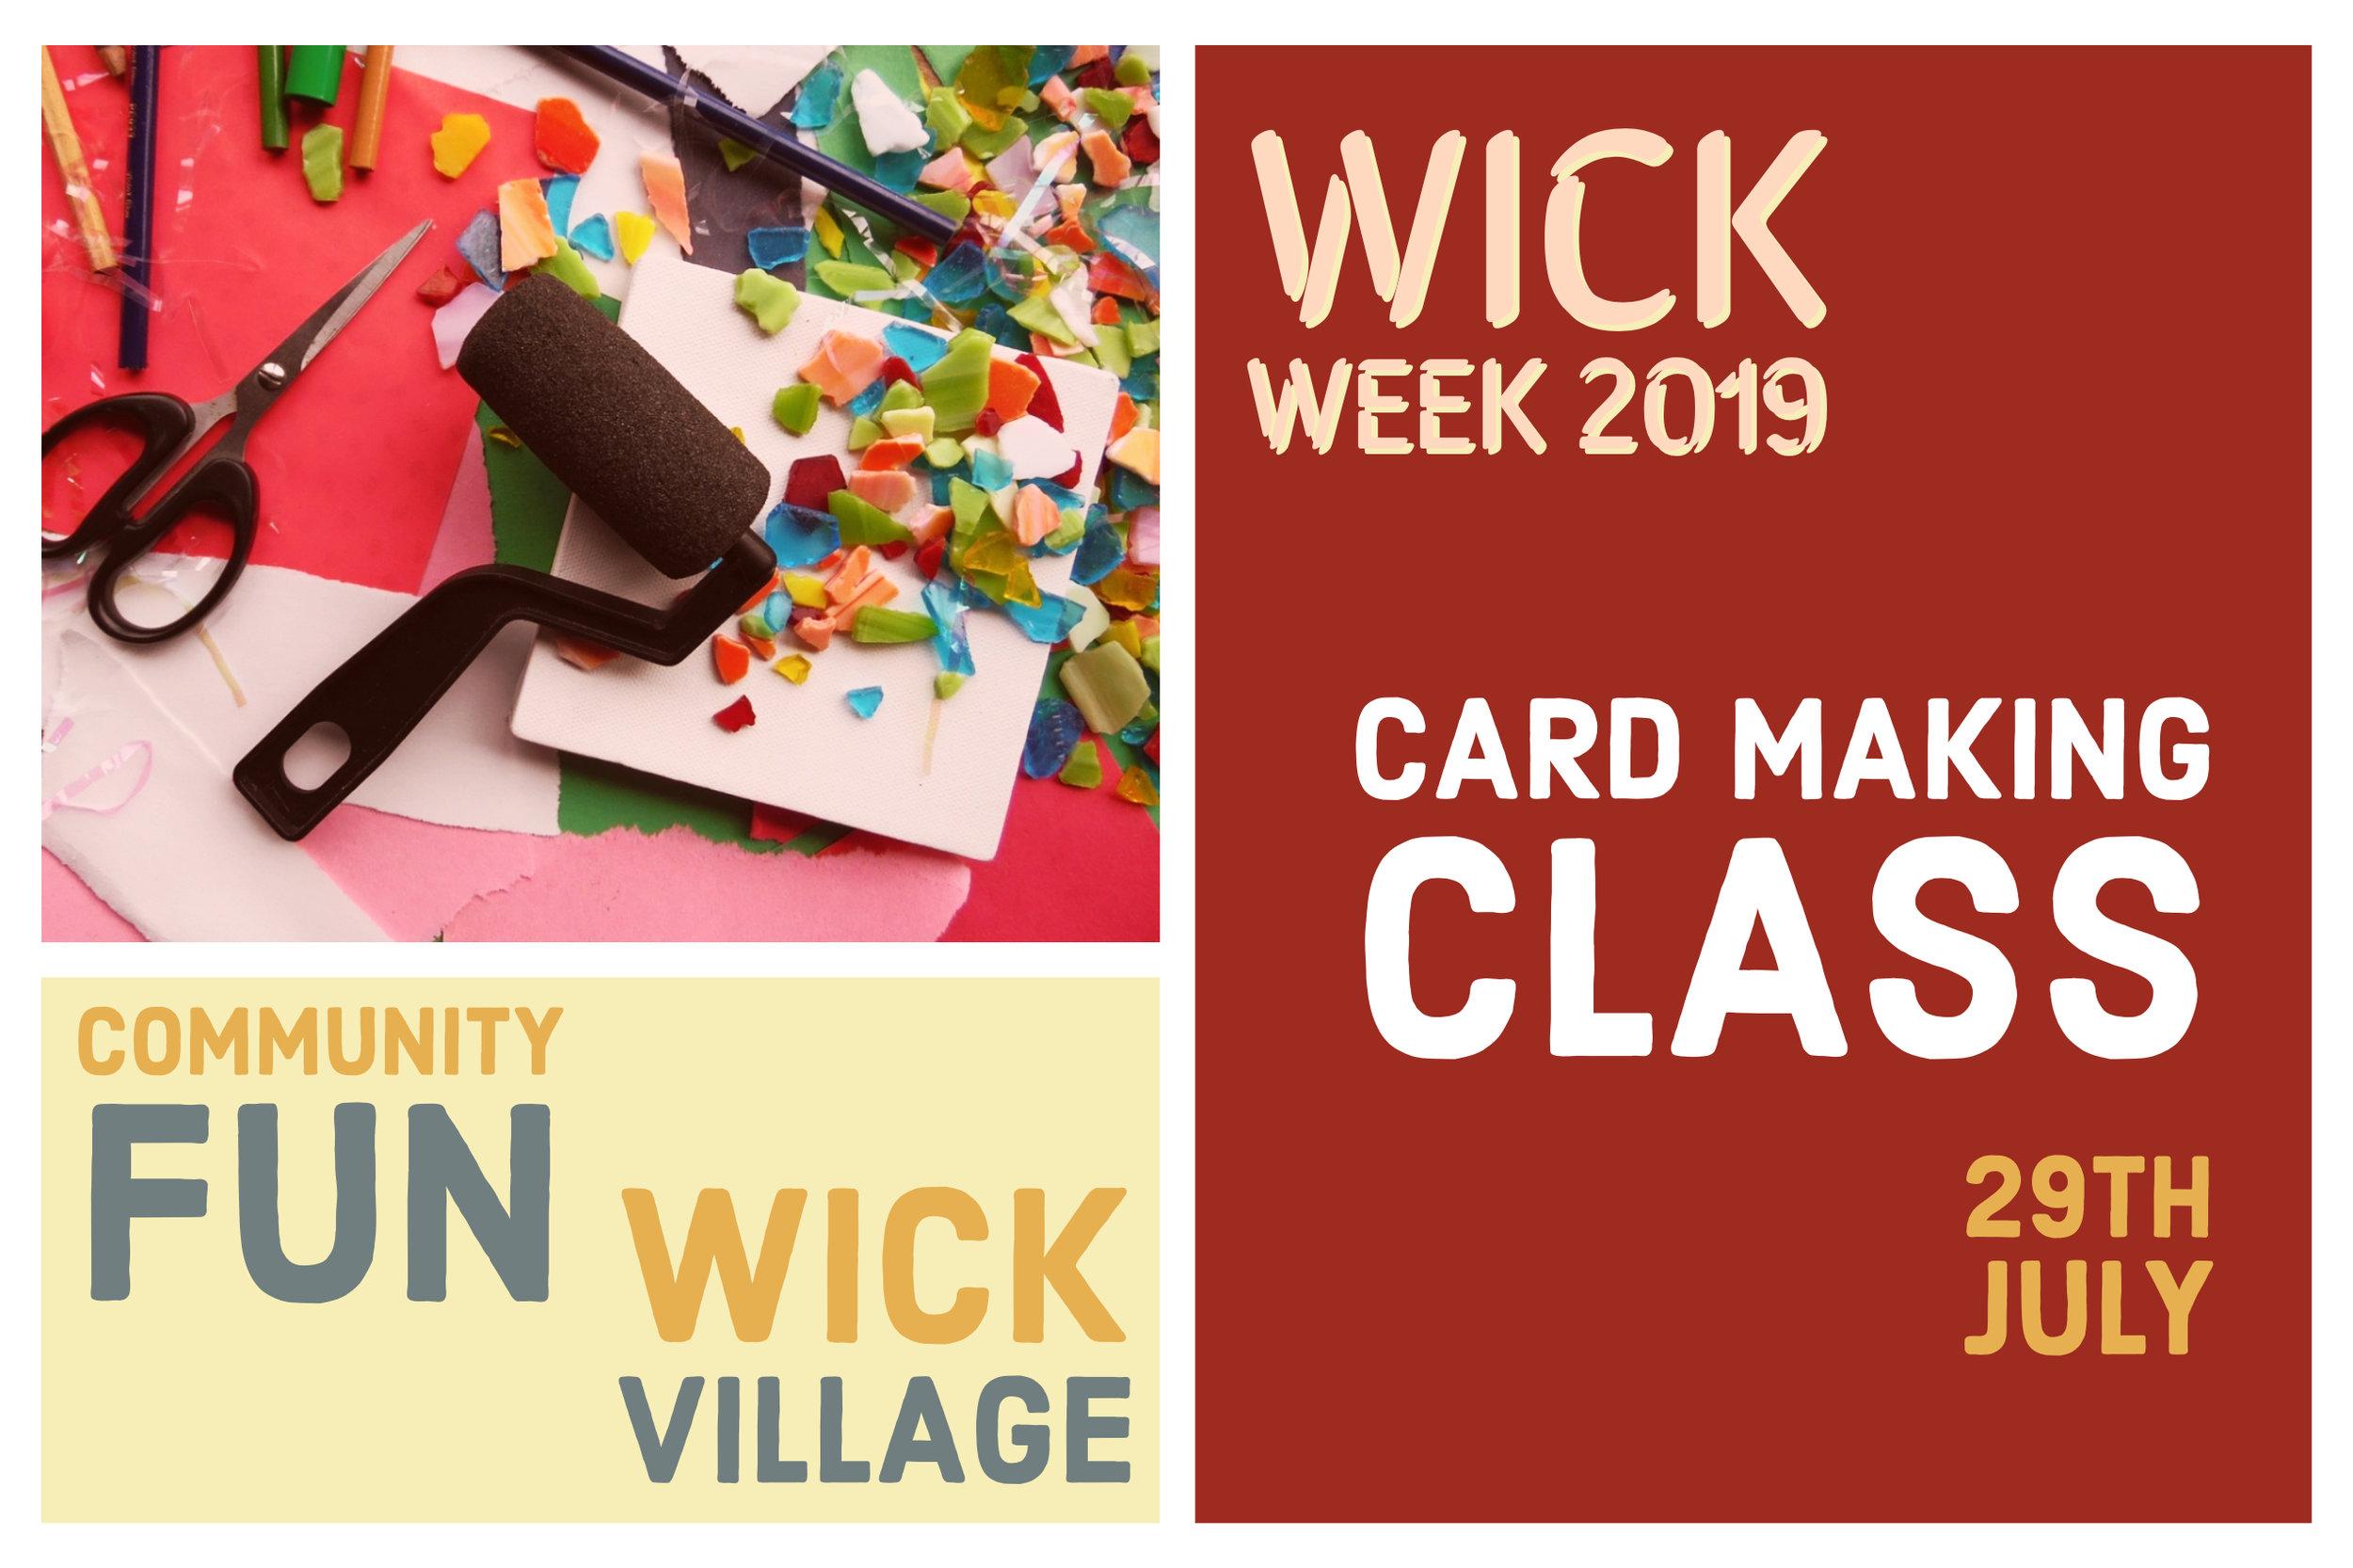 Wick Week 2019 Card Making Class.jpg